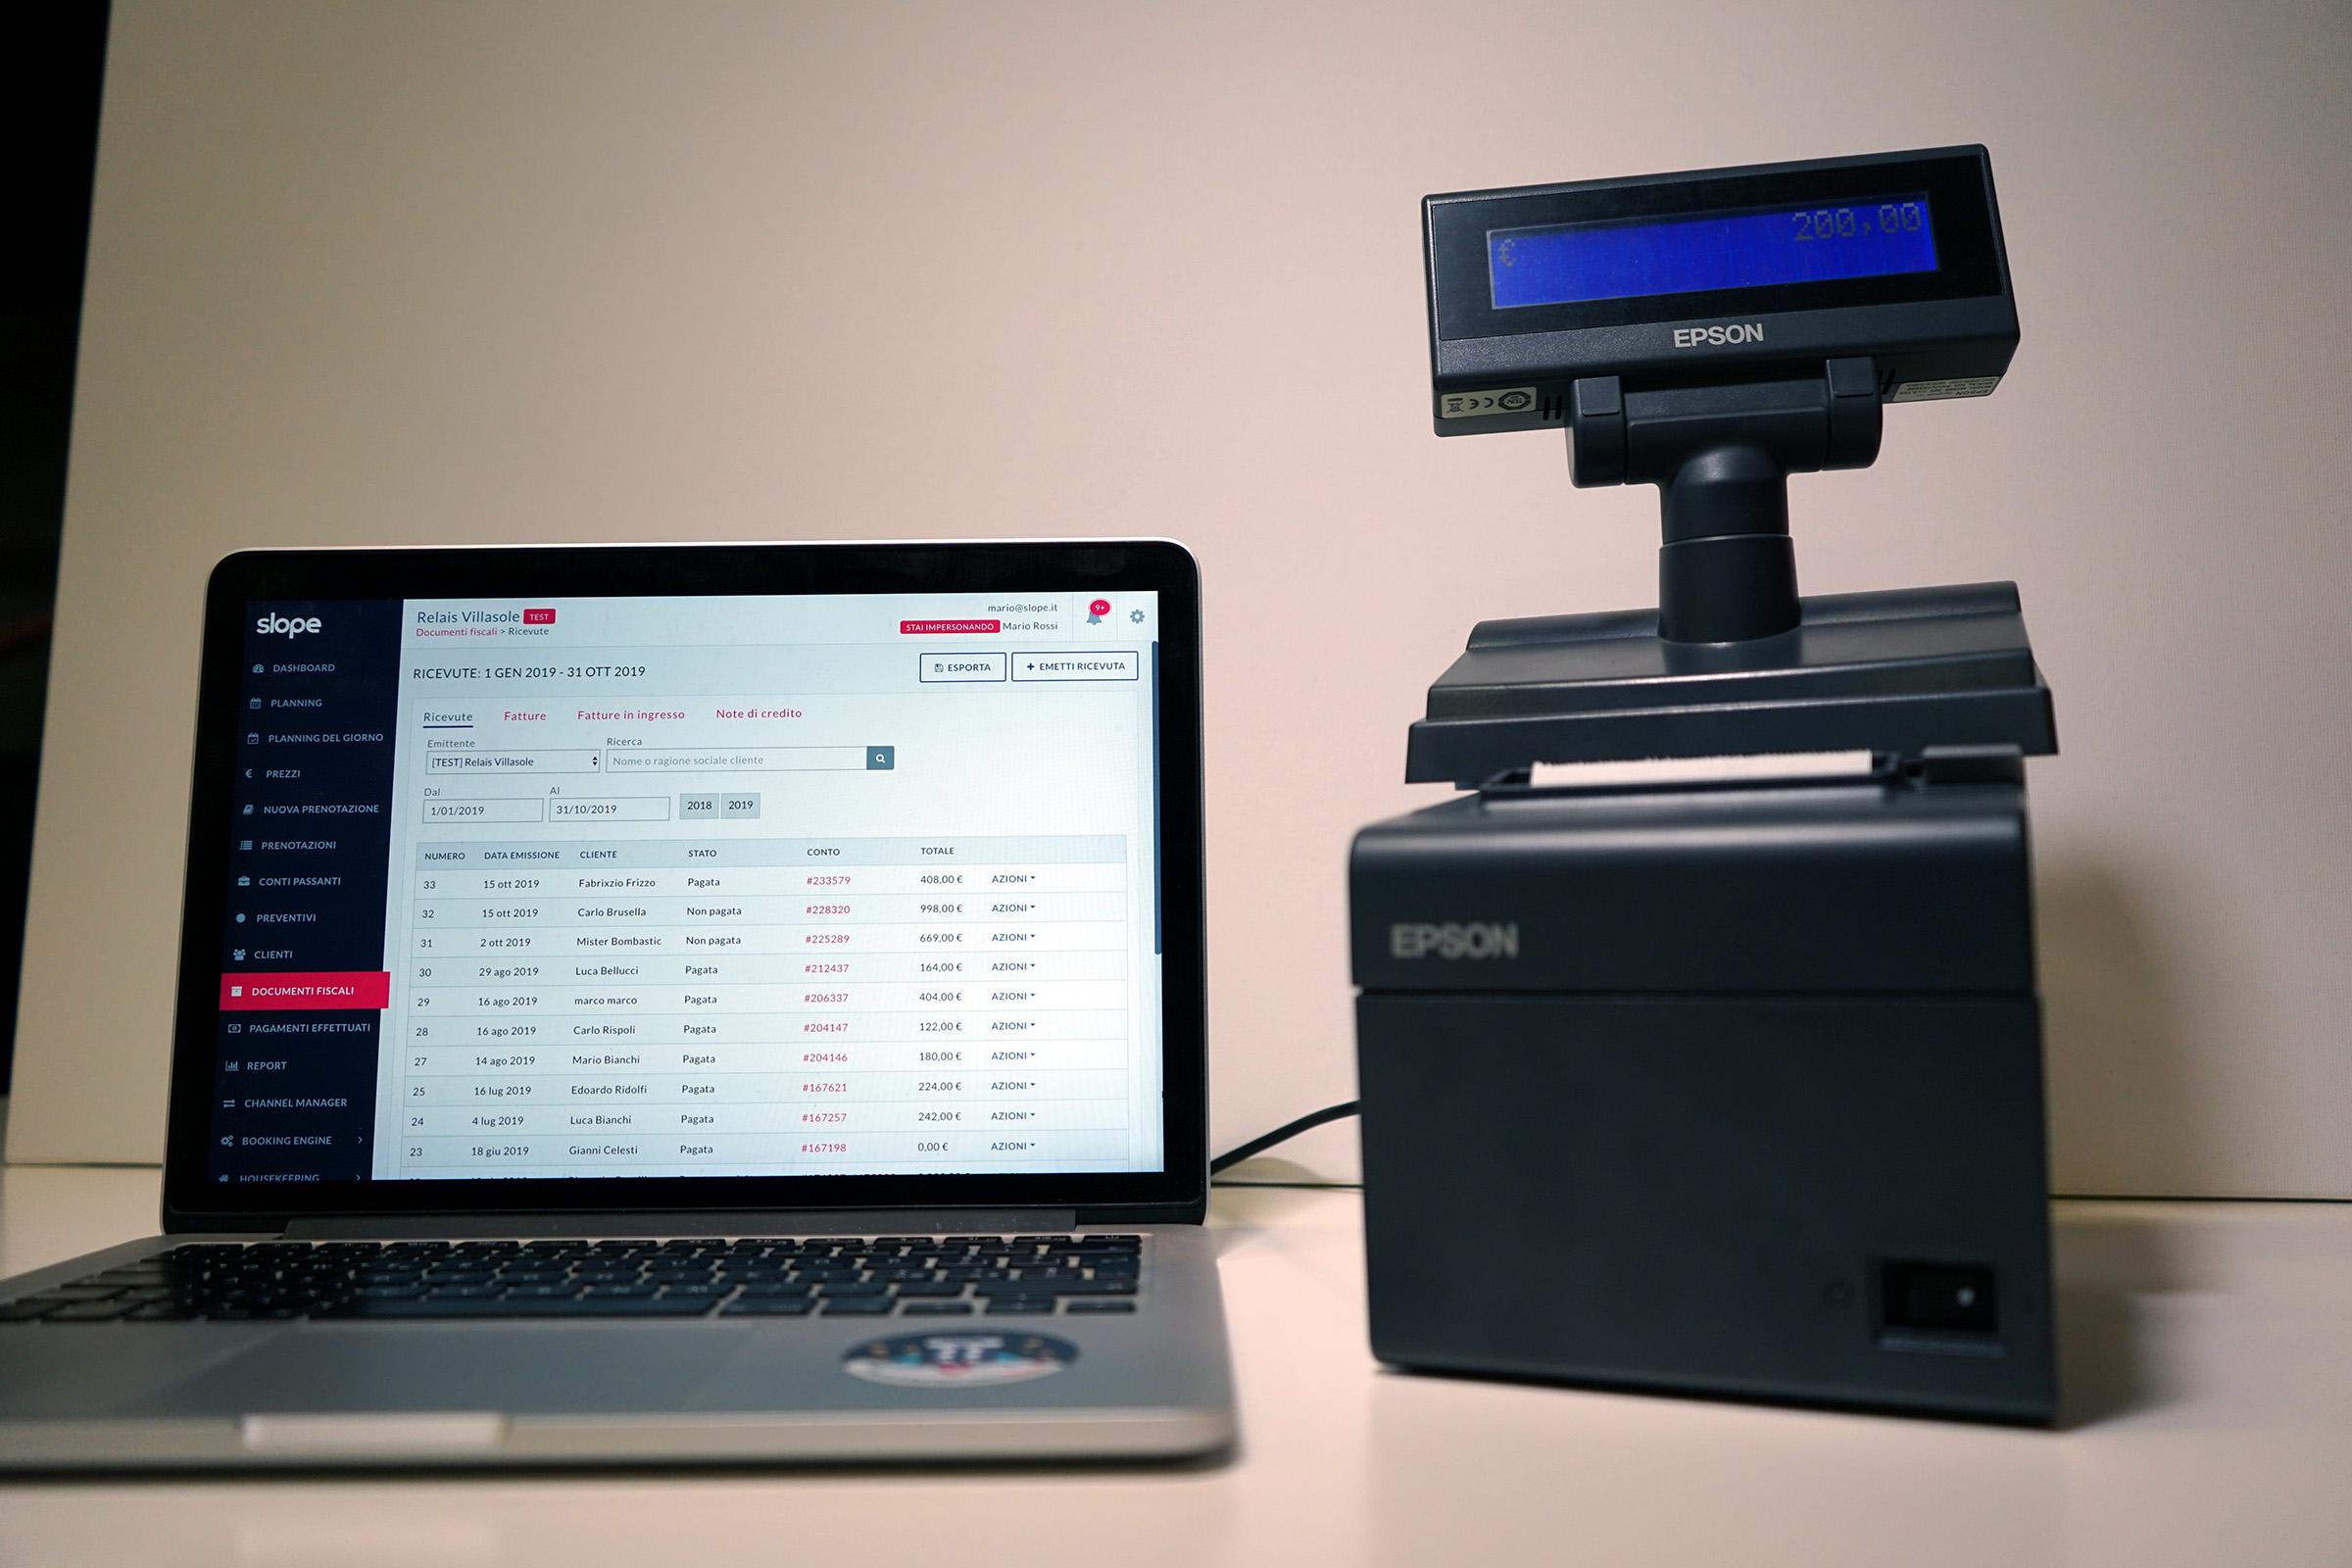 Scontrino elettronico hotel come funziona e come gestirlo in hotel con registratore telematico